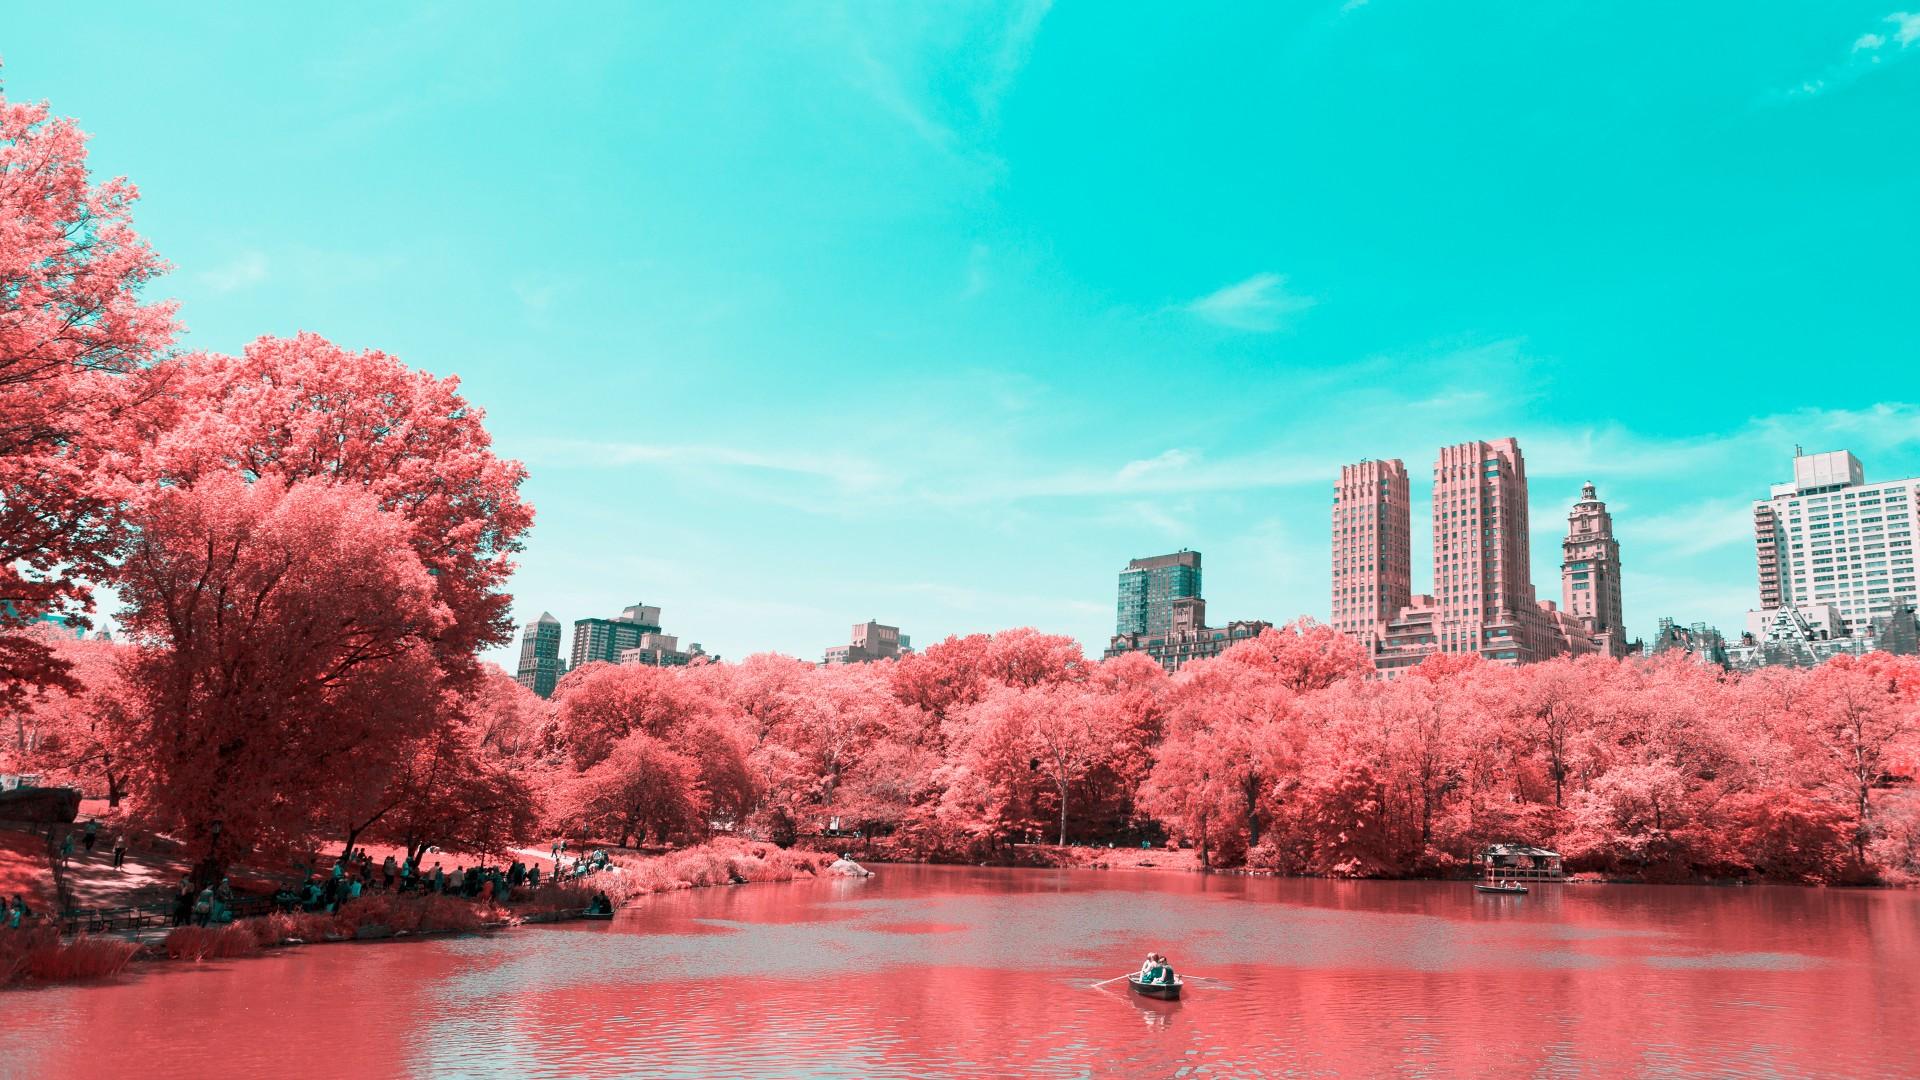 Hình nền mùa xuân trong xanh